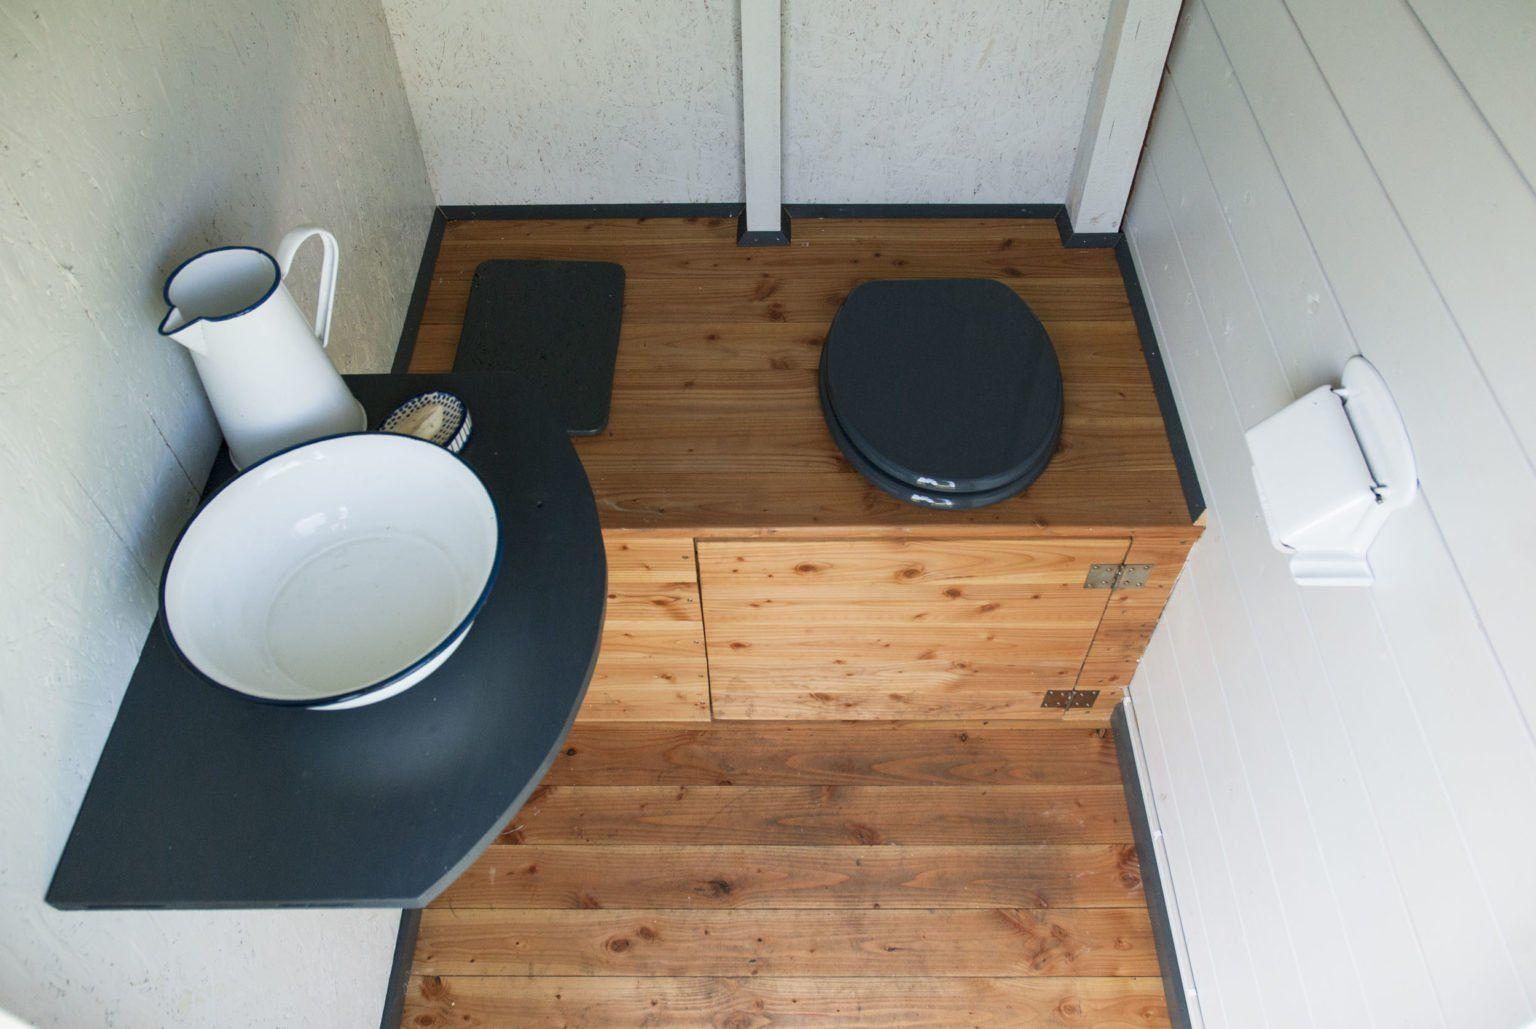 Unsere Toilette Im Schrebergarten Frau Meise Schrebergarten Gartentoilette Komposttoilette